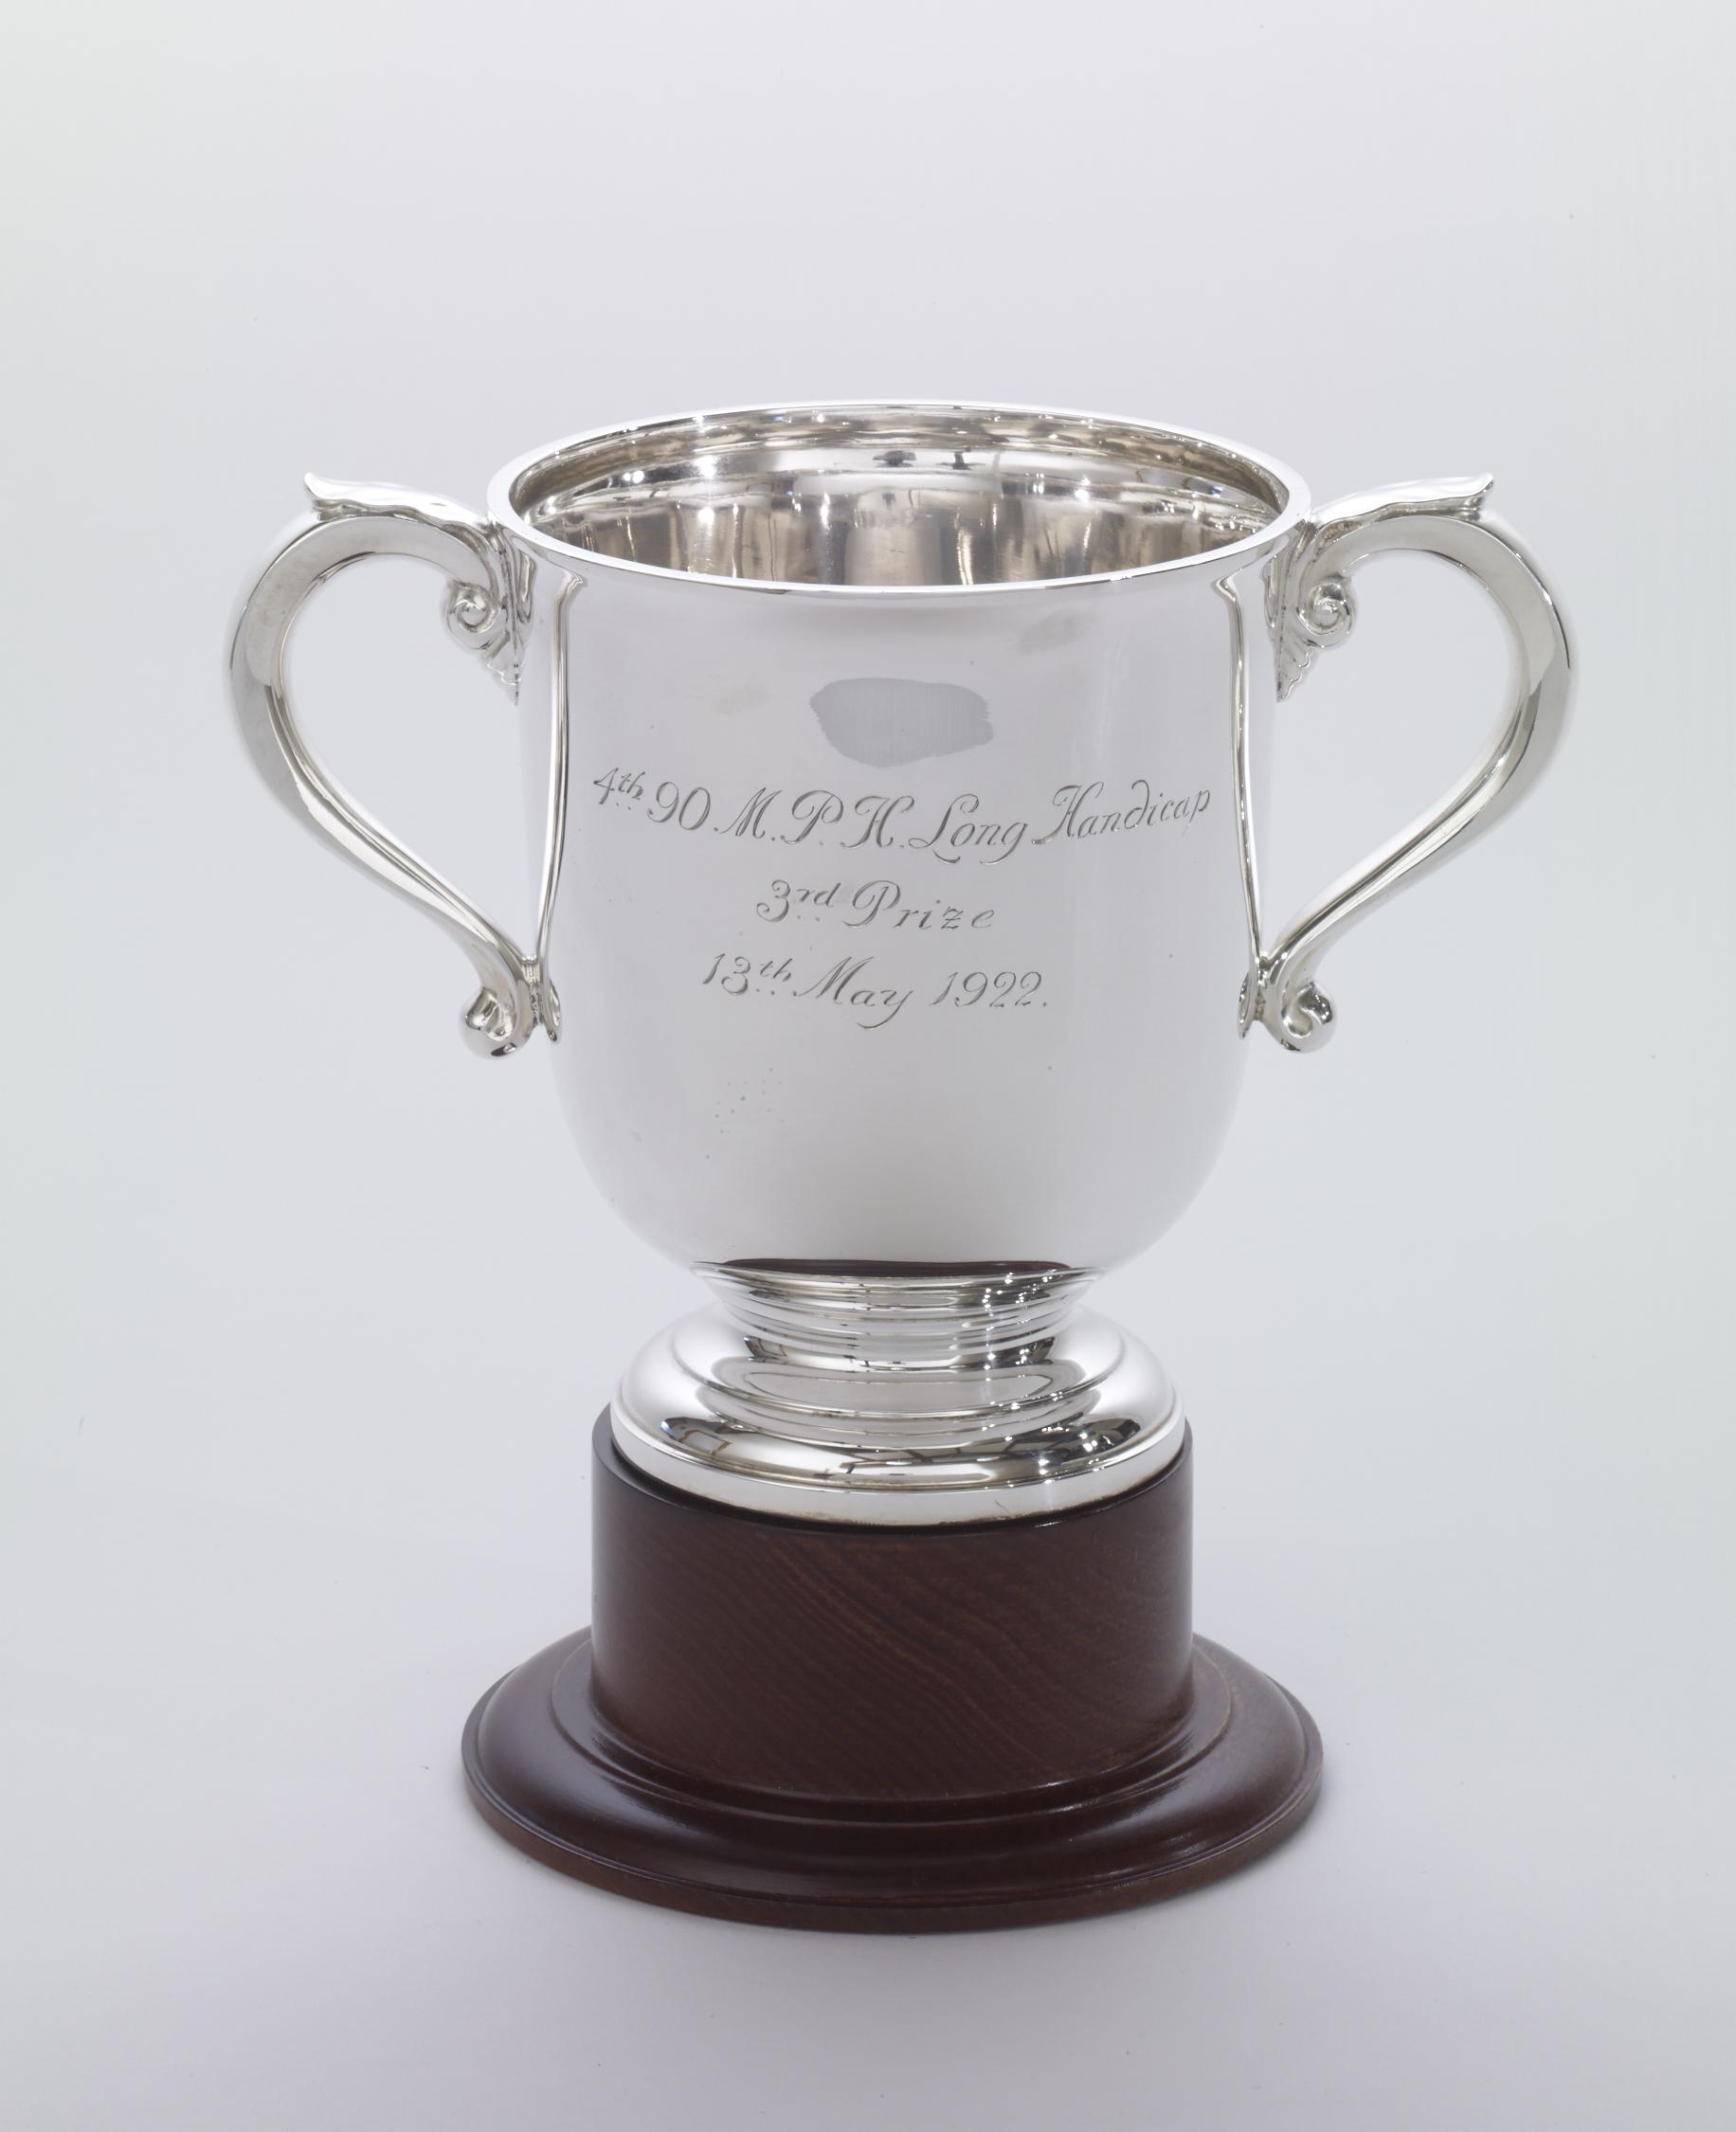 4th 90 MPH Long Handicap - 3rd prize Image